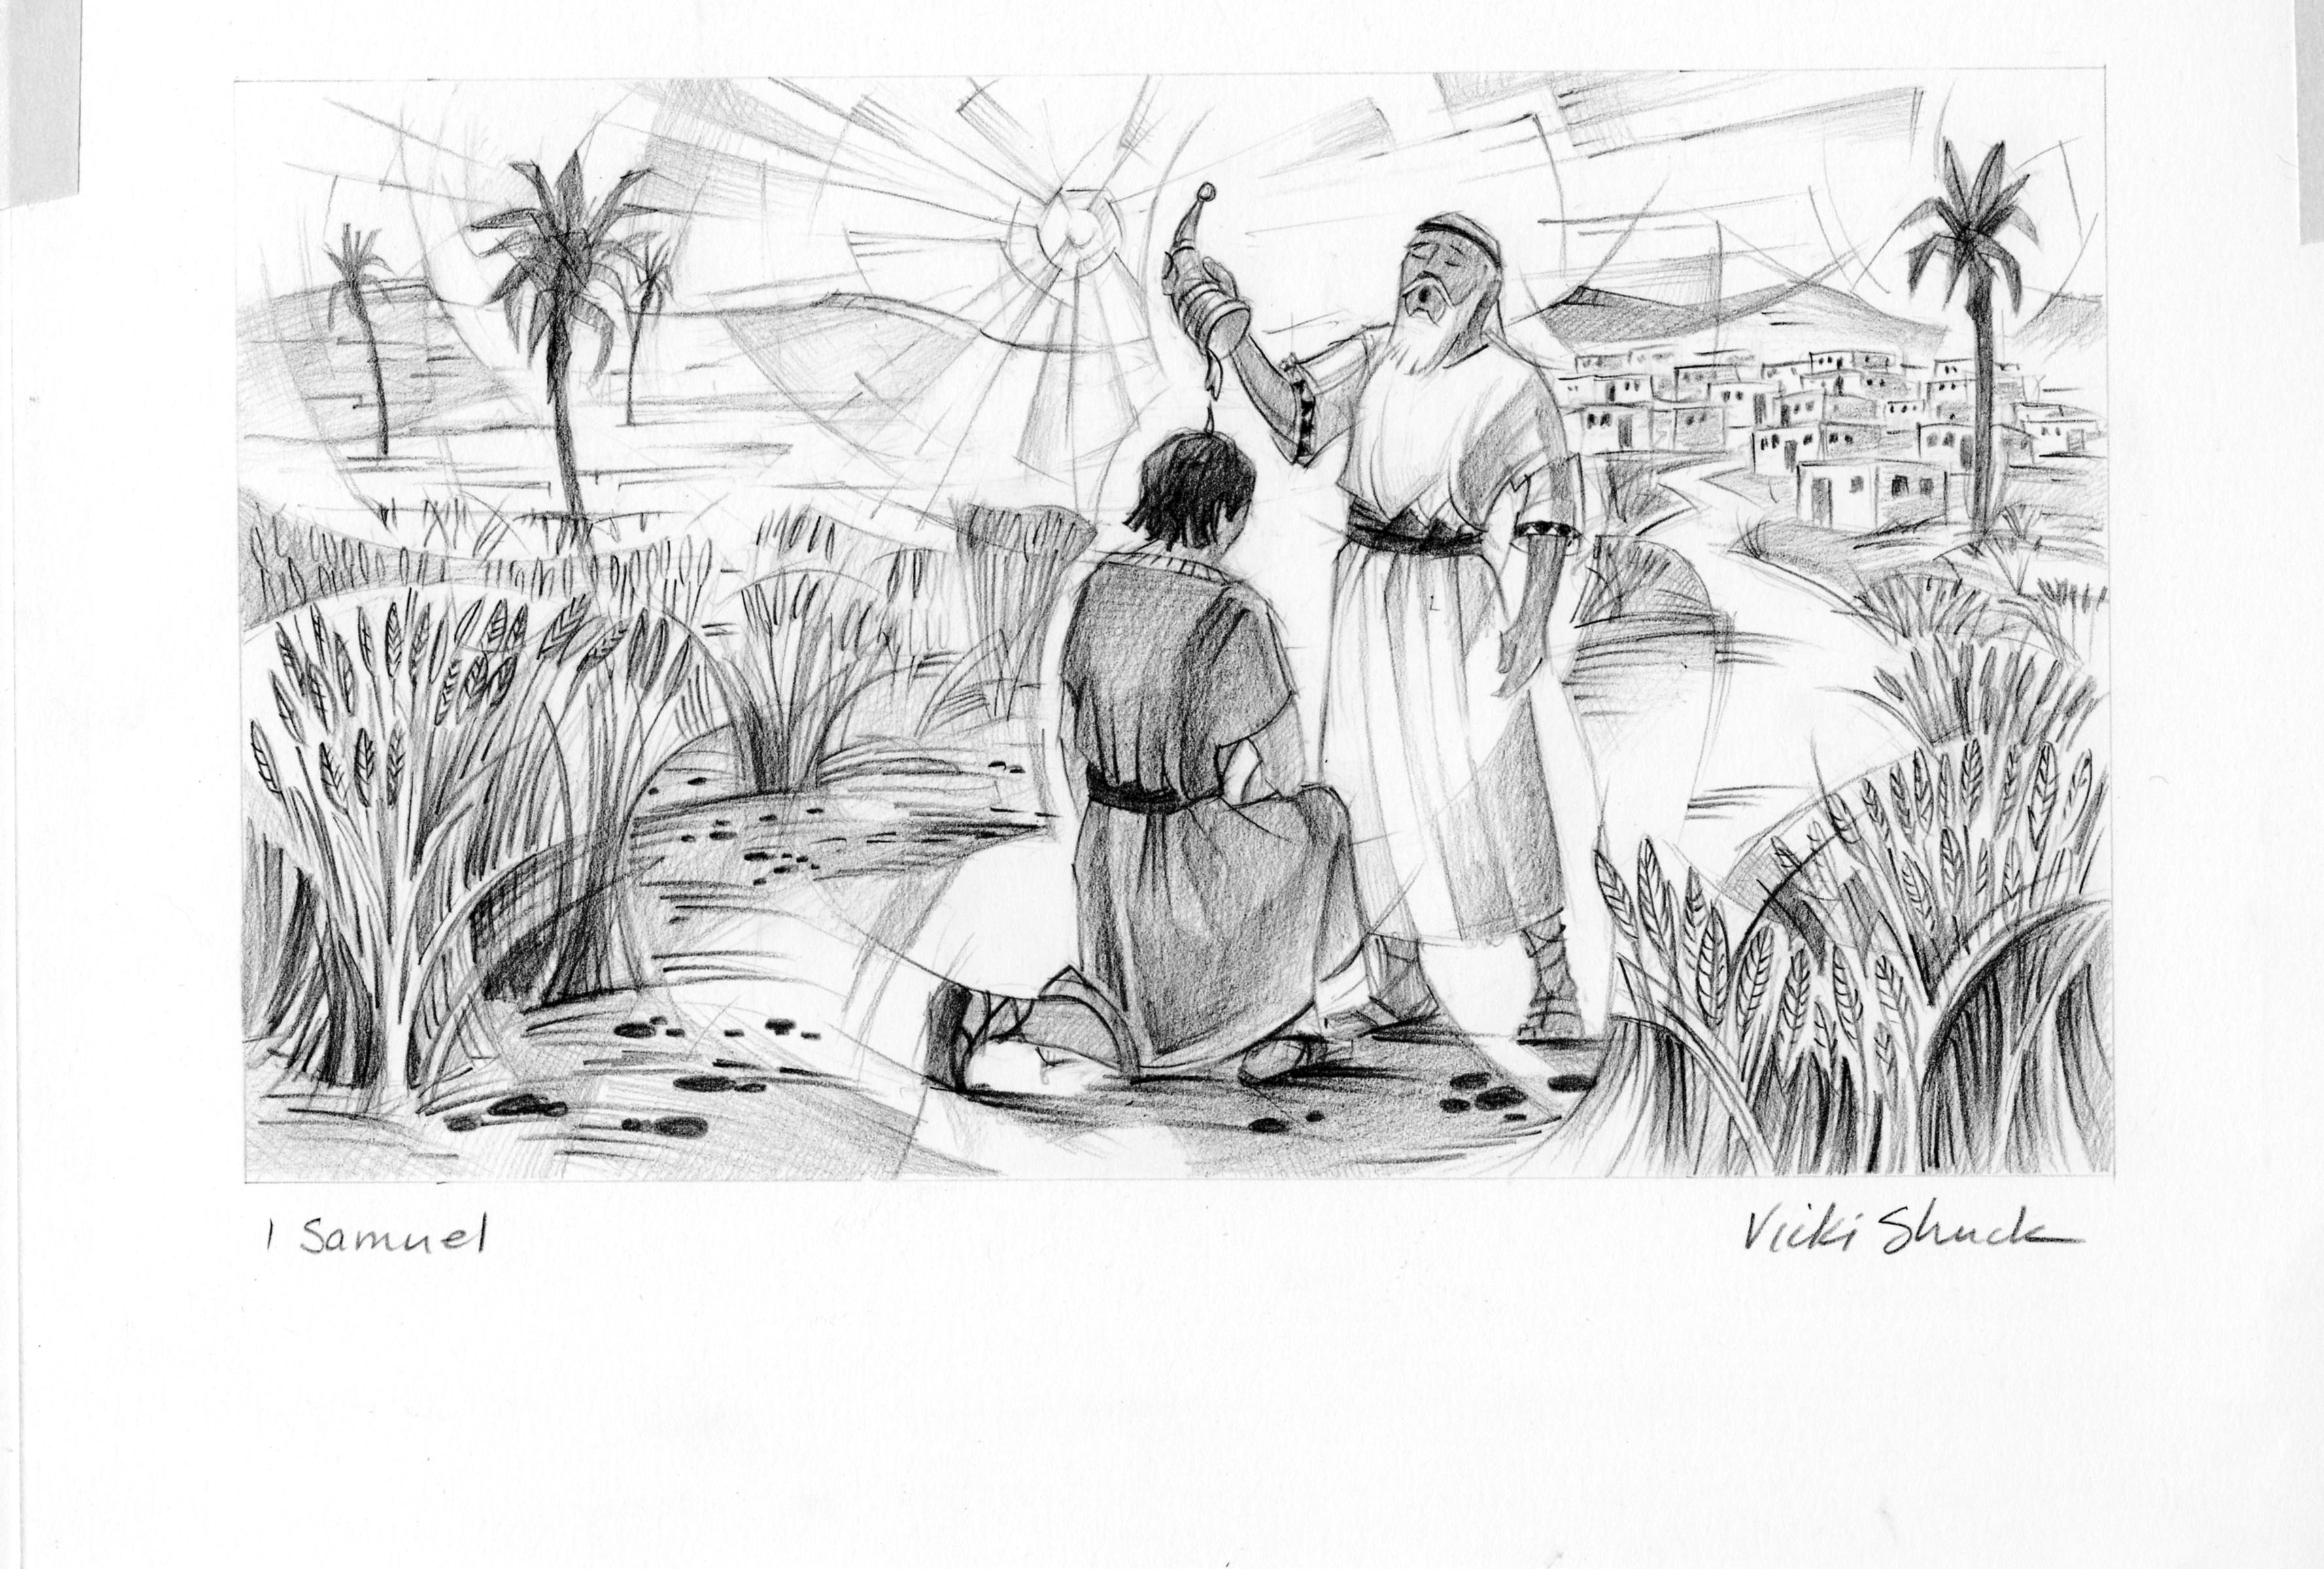 1 Samuel 16 13 Illustration